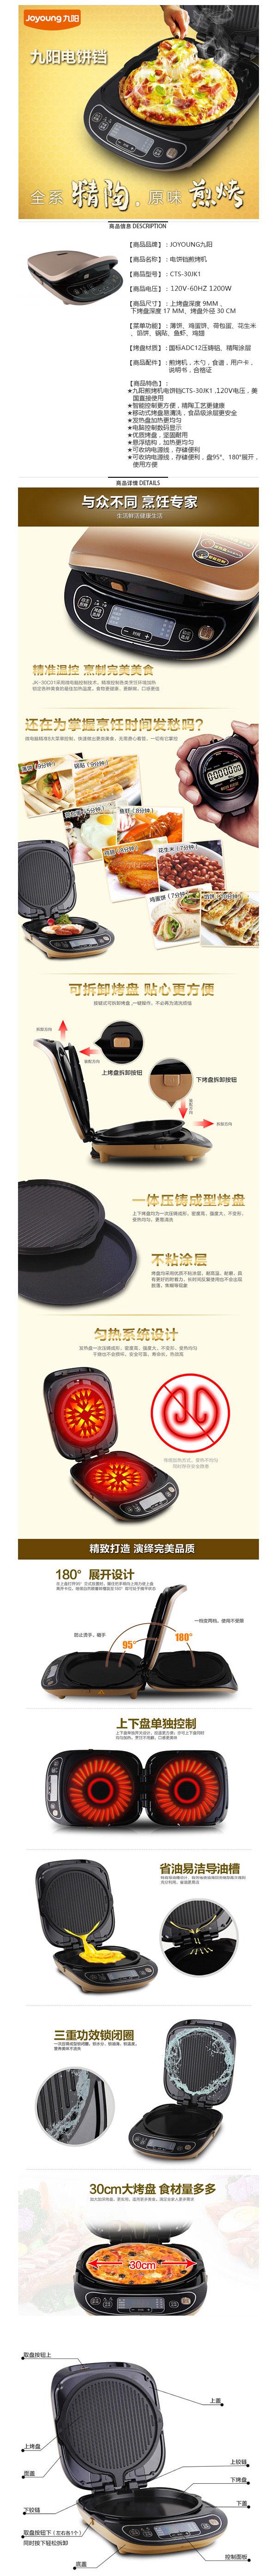 九阳煎烤机CTS-30JK1